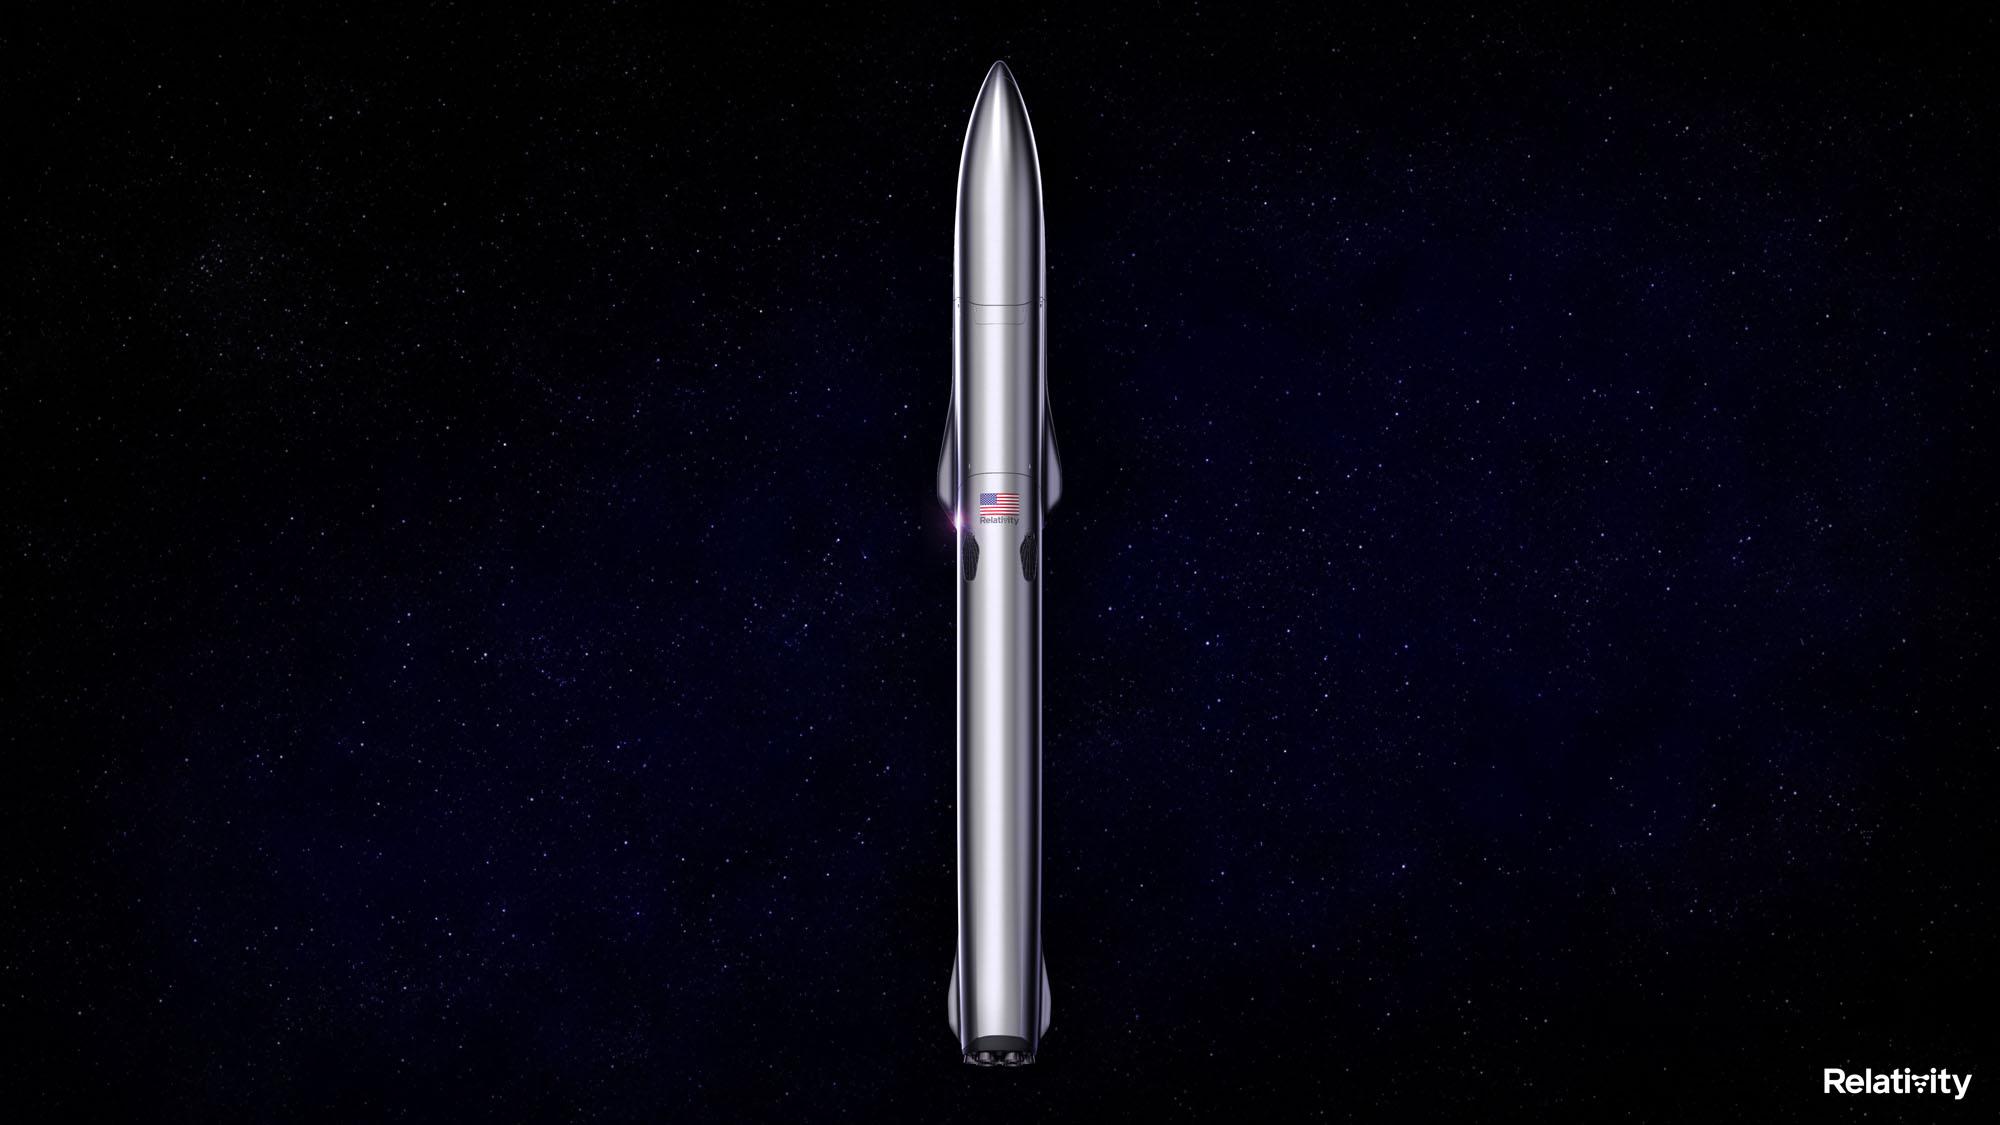 Le nouveau Terran-R de Relativity Space sera une fusée entièrement réutilisable mesurant 216 pieds de haut avec un diamètre de 16 pieds et un carénage de charge utile de 5 mètres.